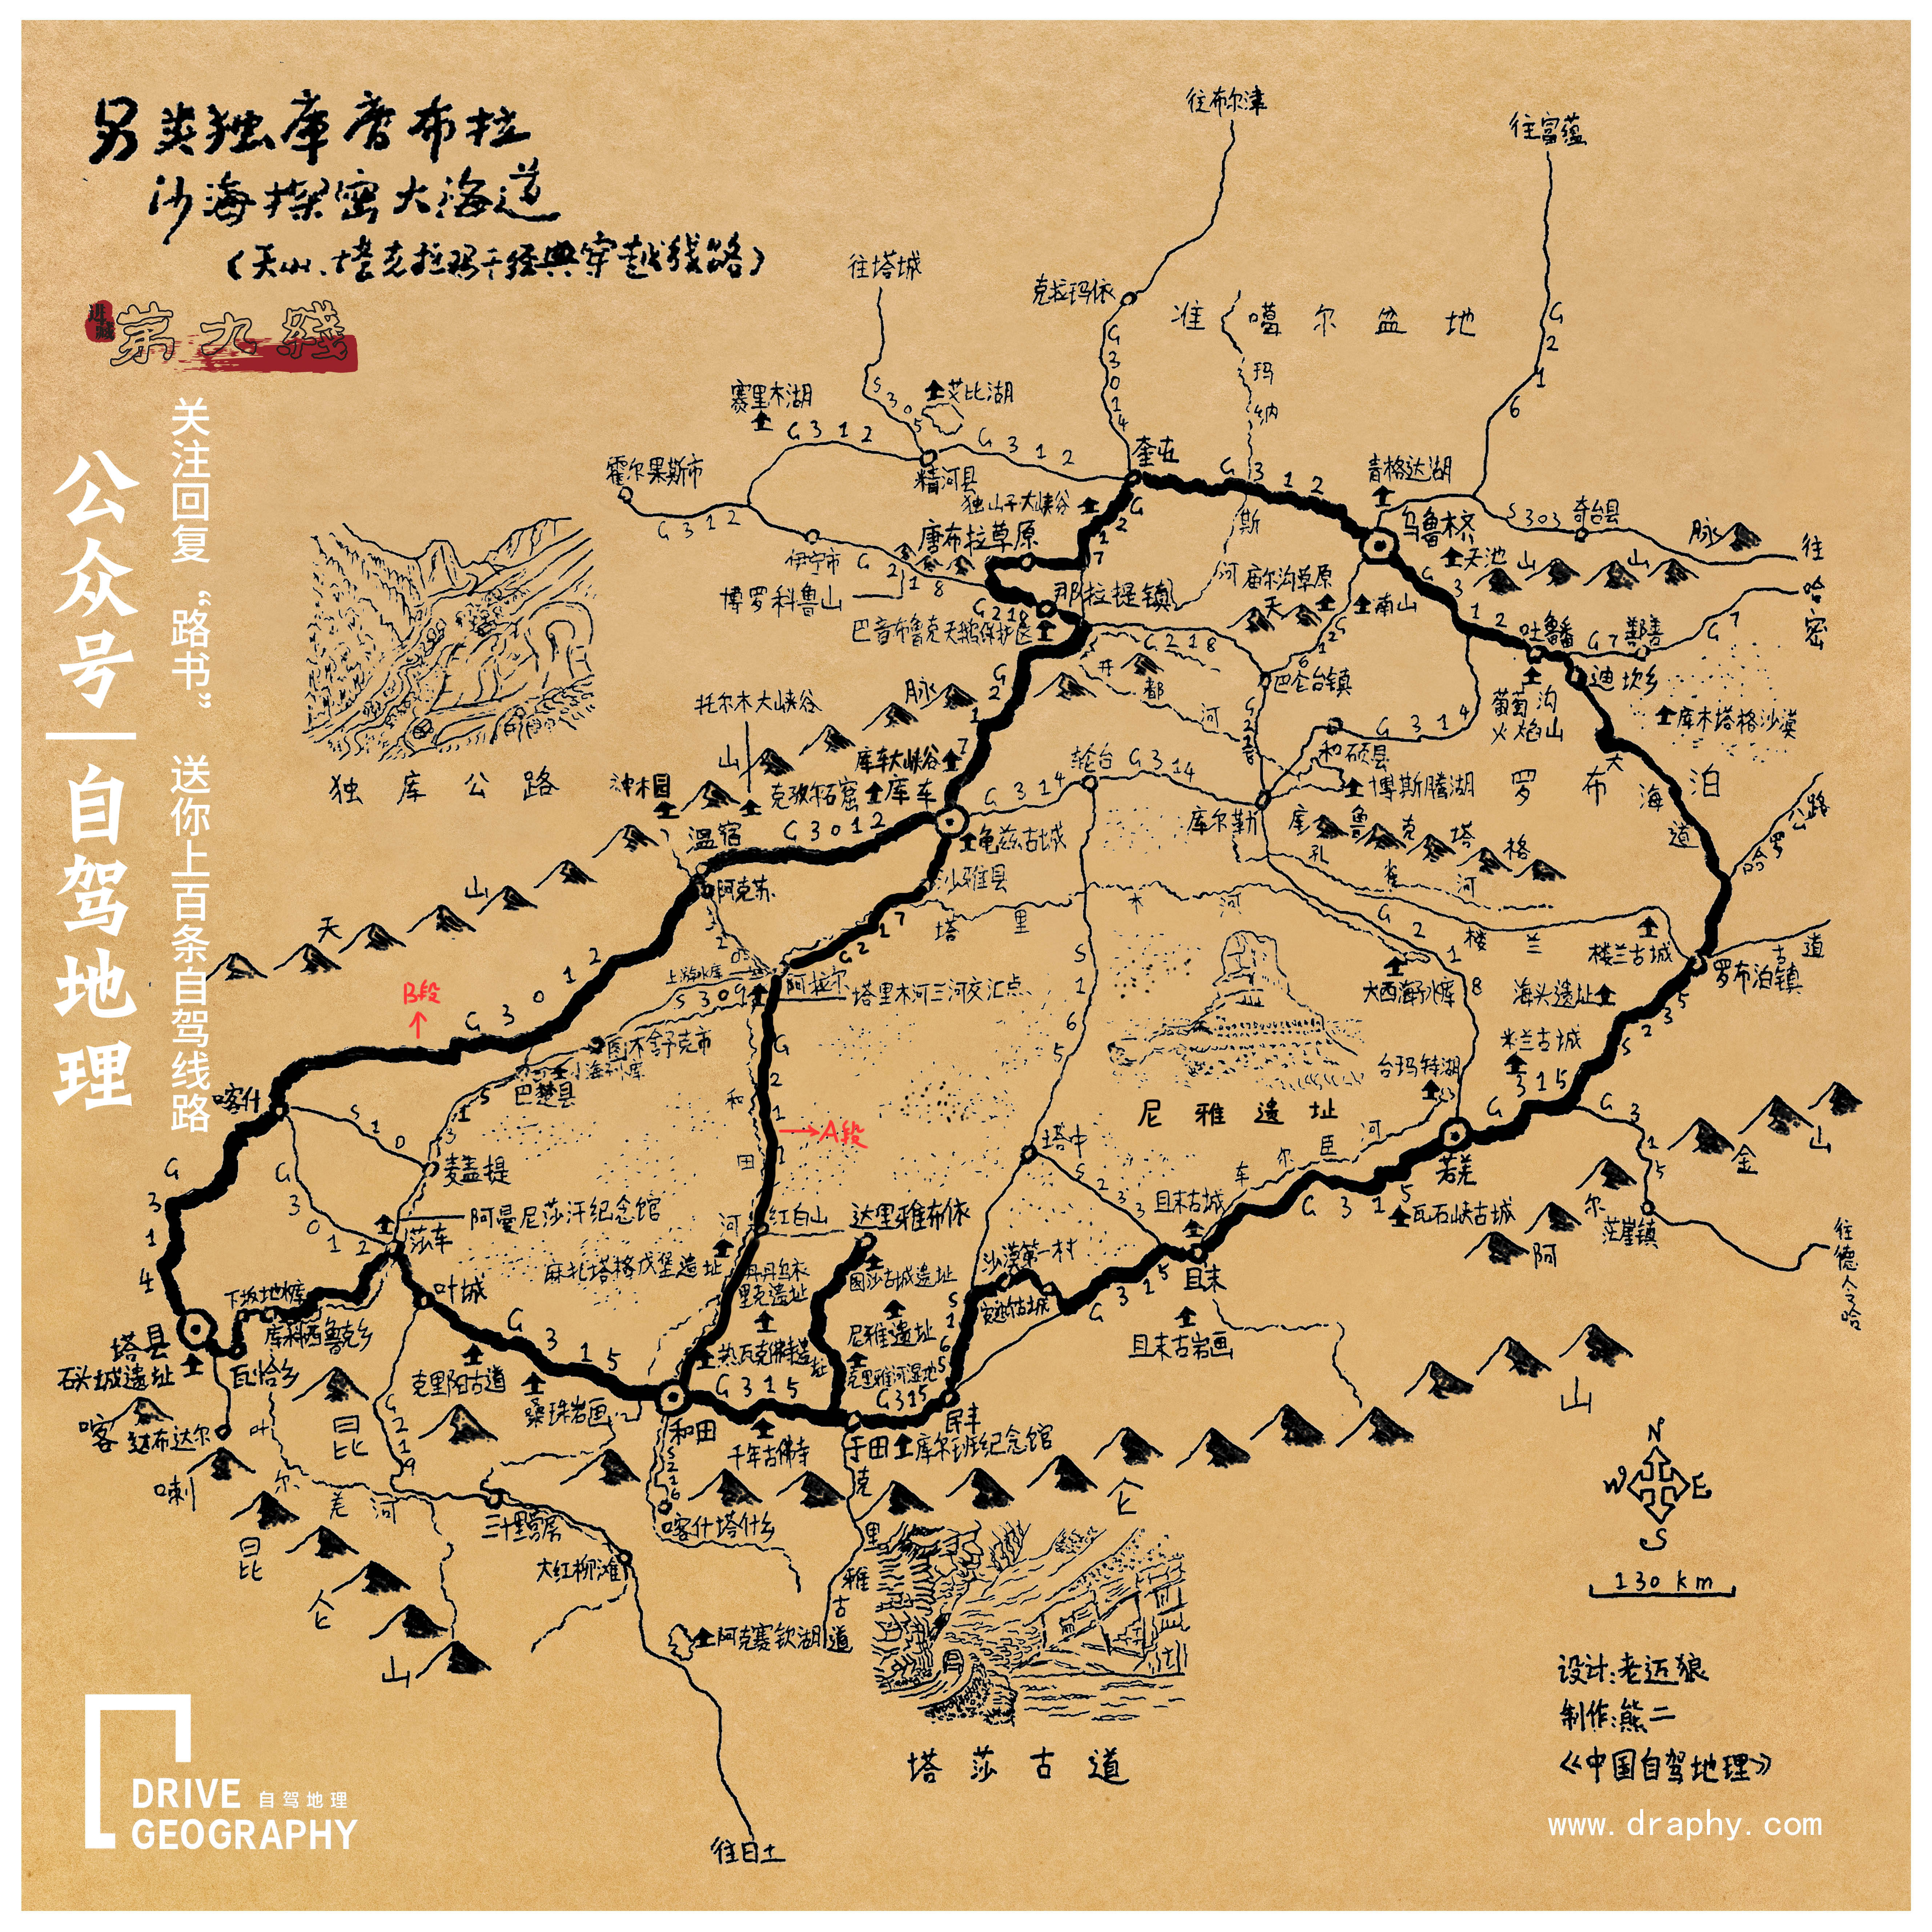 手绘地图,制作@《中国自驾地理》